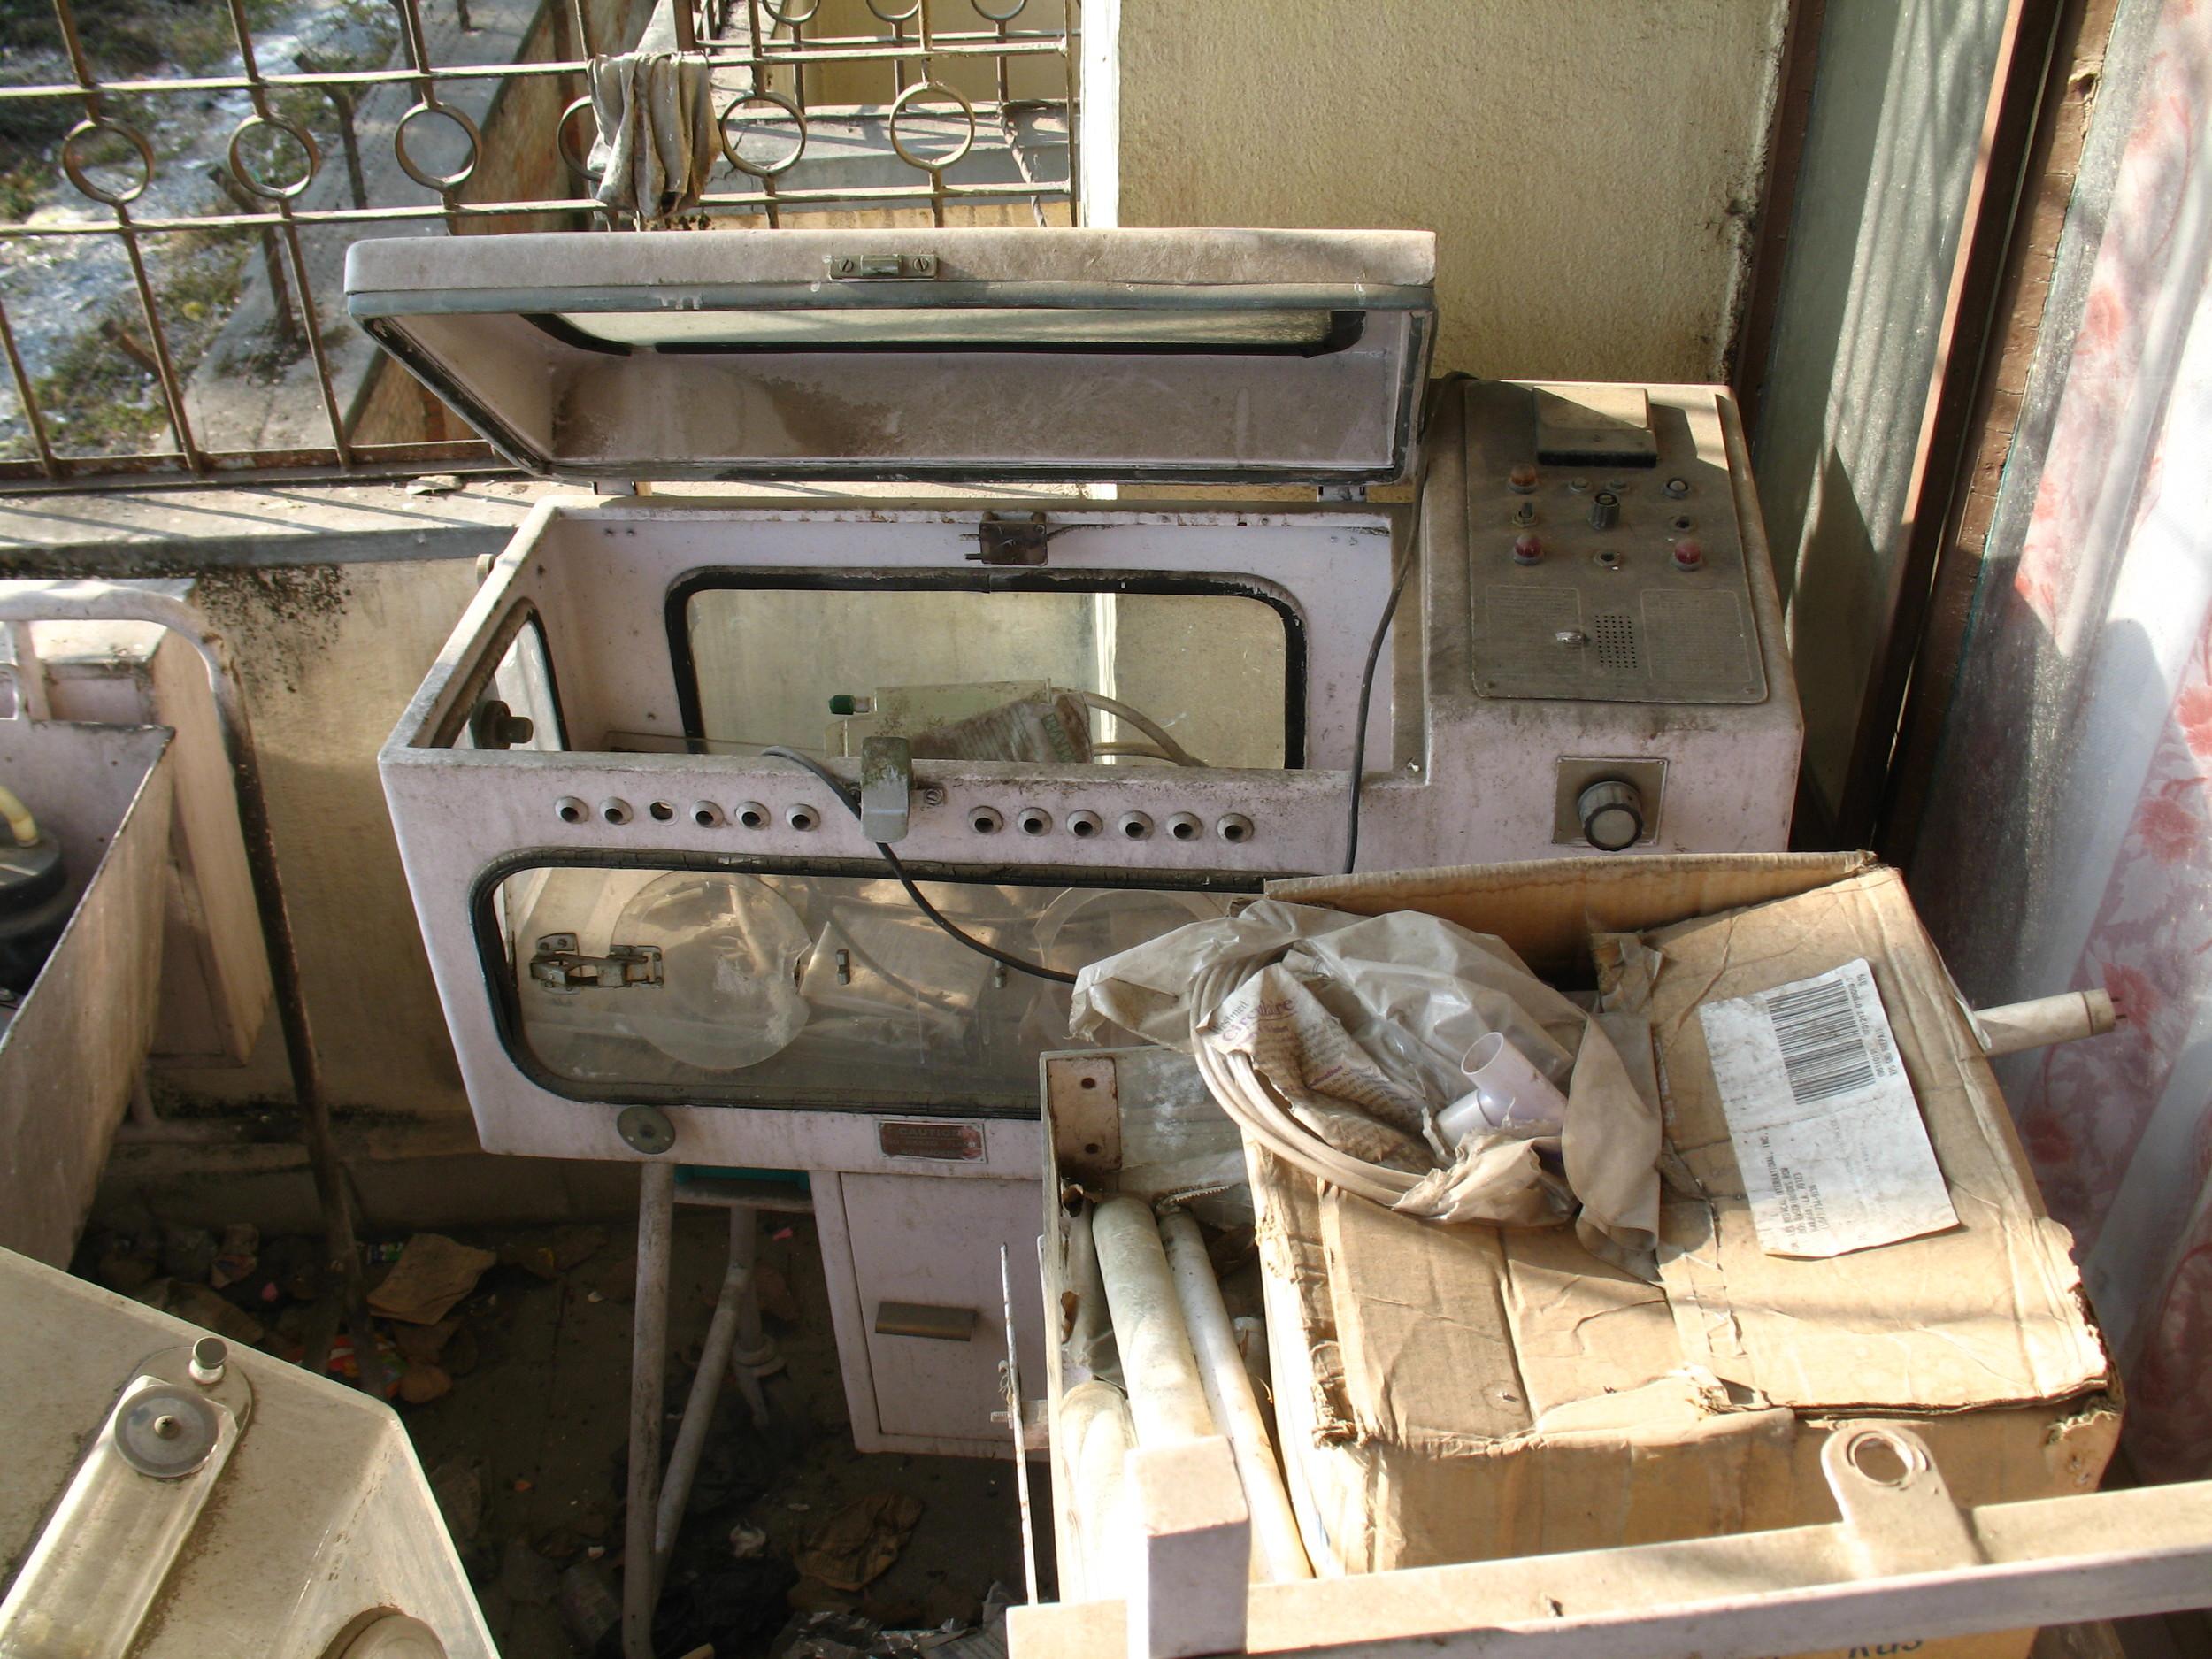 A typical medical equipment junkyard outside a hospital in Kathmandu, Nepal.